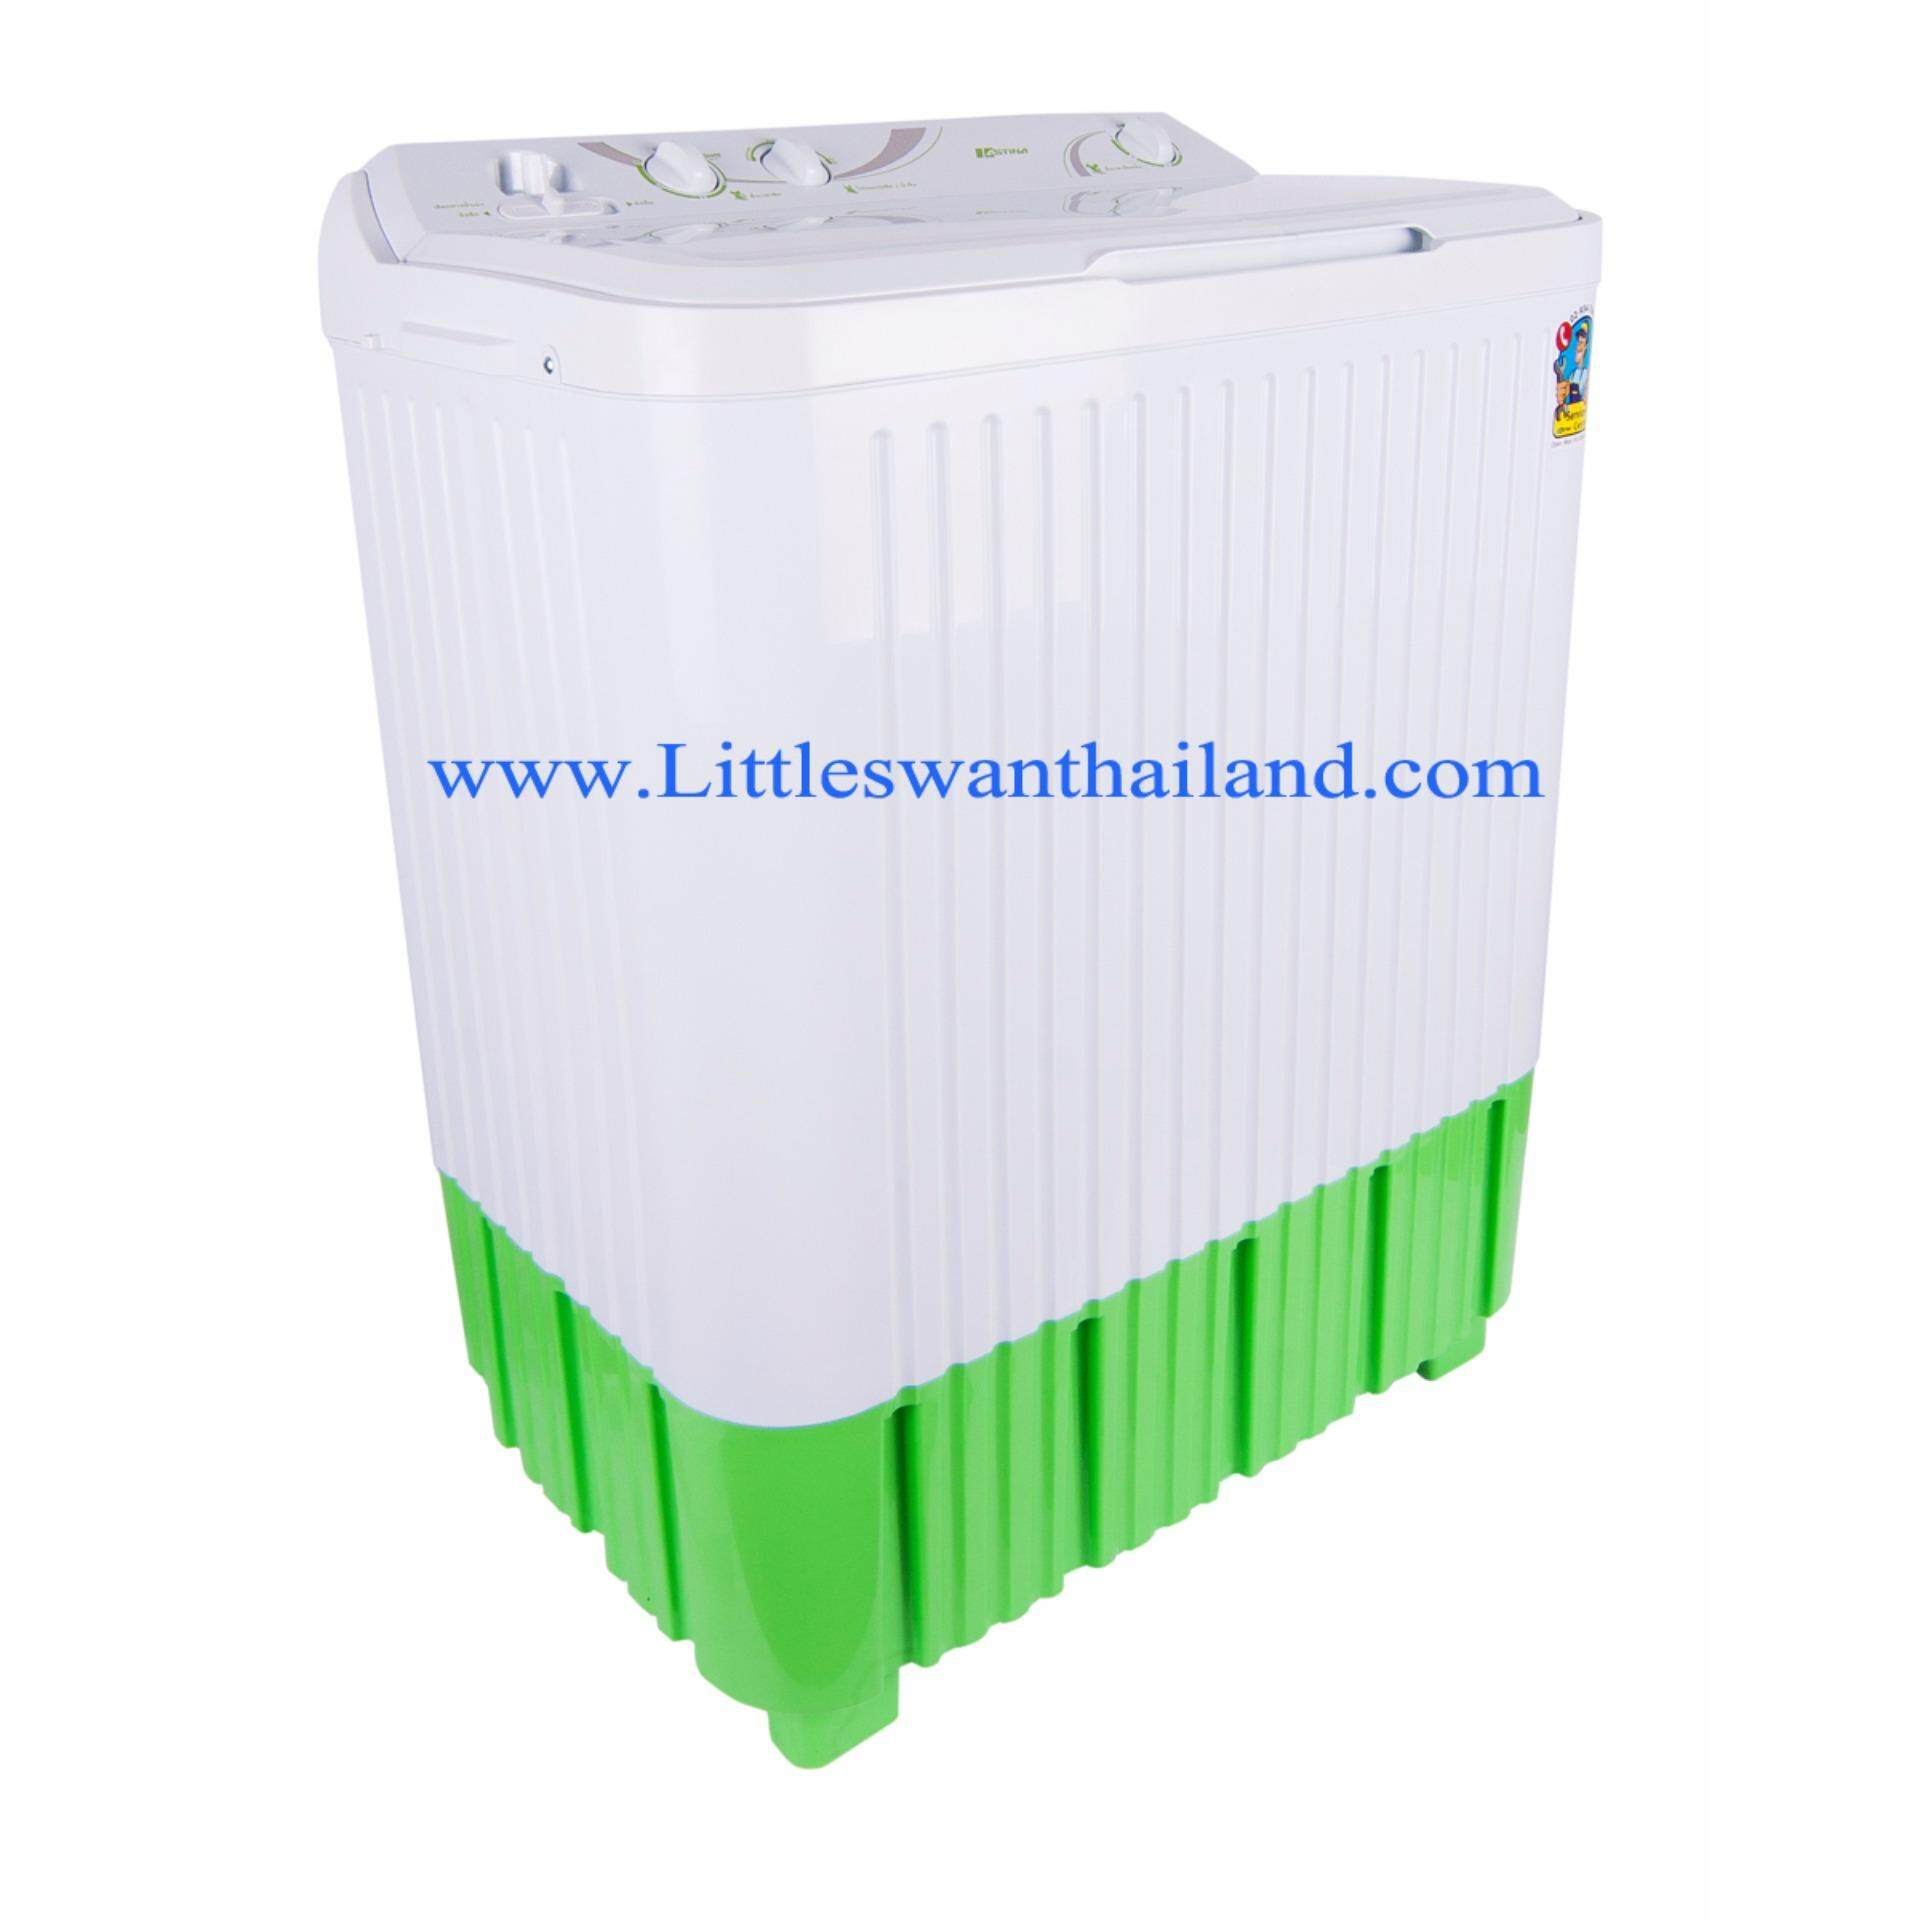 ของแท้ และรับประกัน เครื่องซักผ้า Beko -9% Beko เครื่องซักผ้าฝาหน้า ขนาด 8 กก. รุ่น WMY81283LB2 ลดล้างสต๊อก